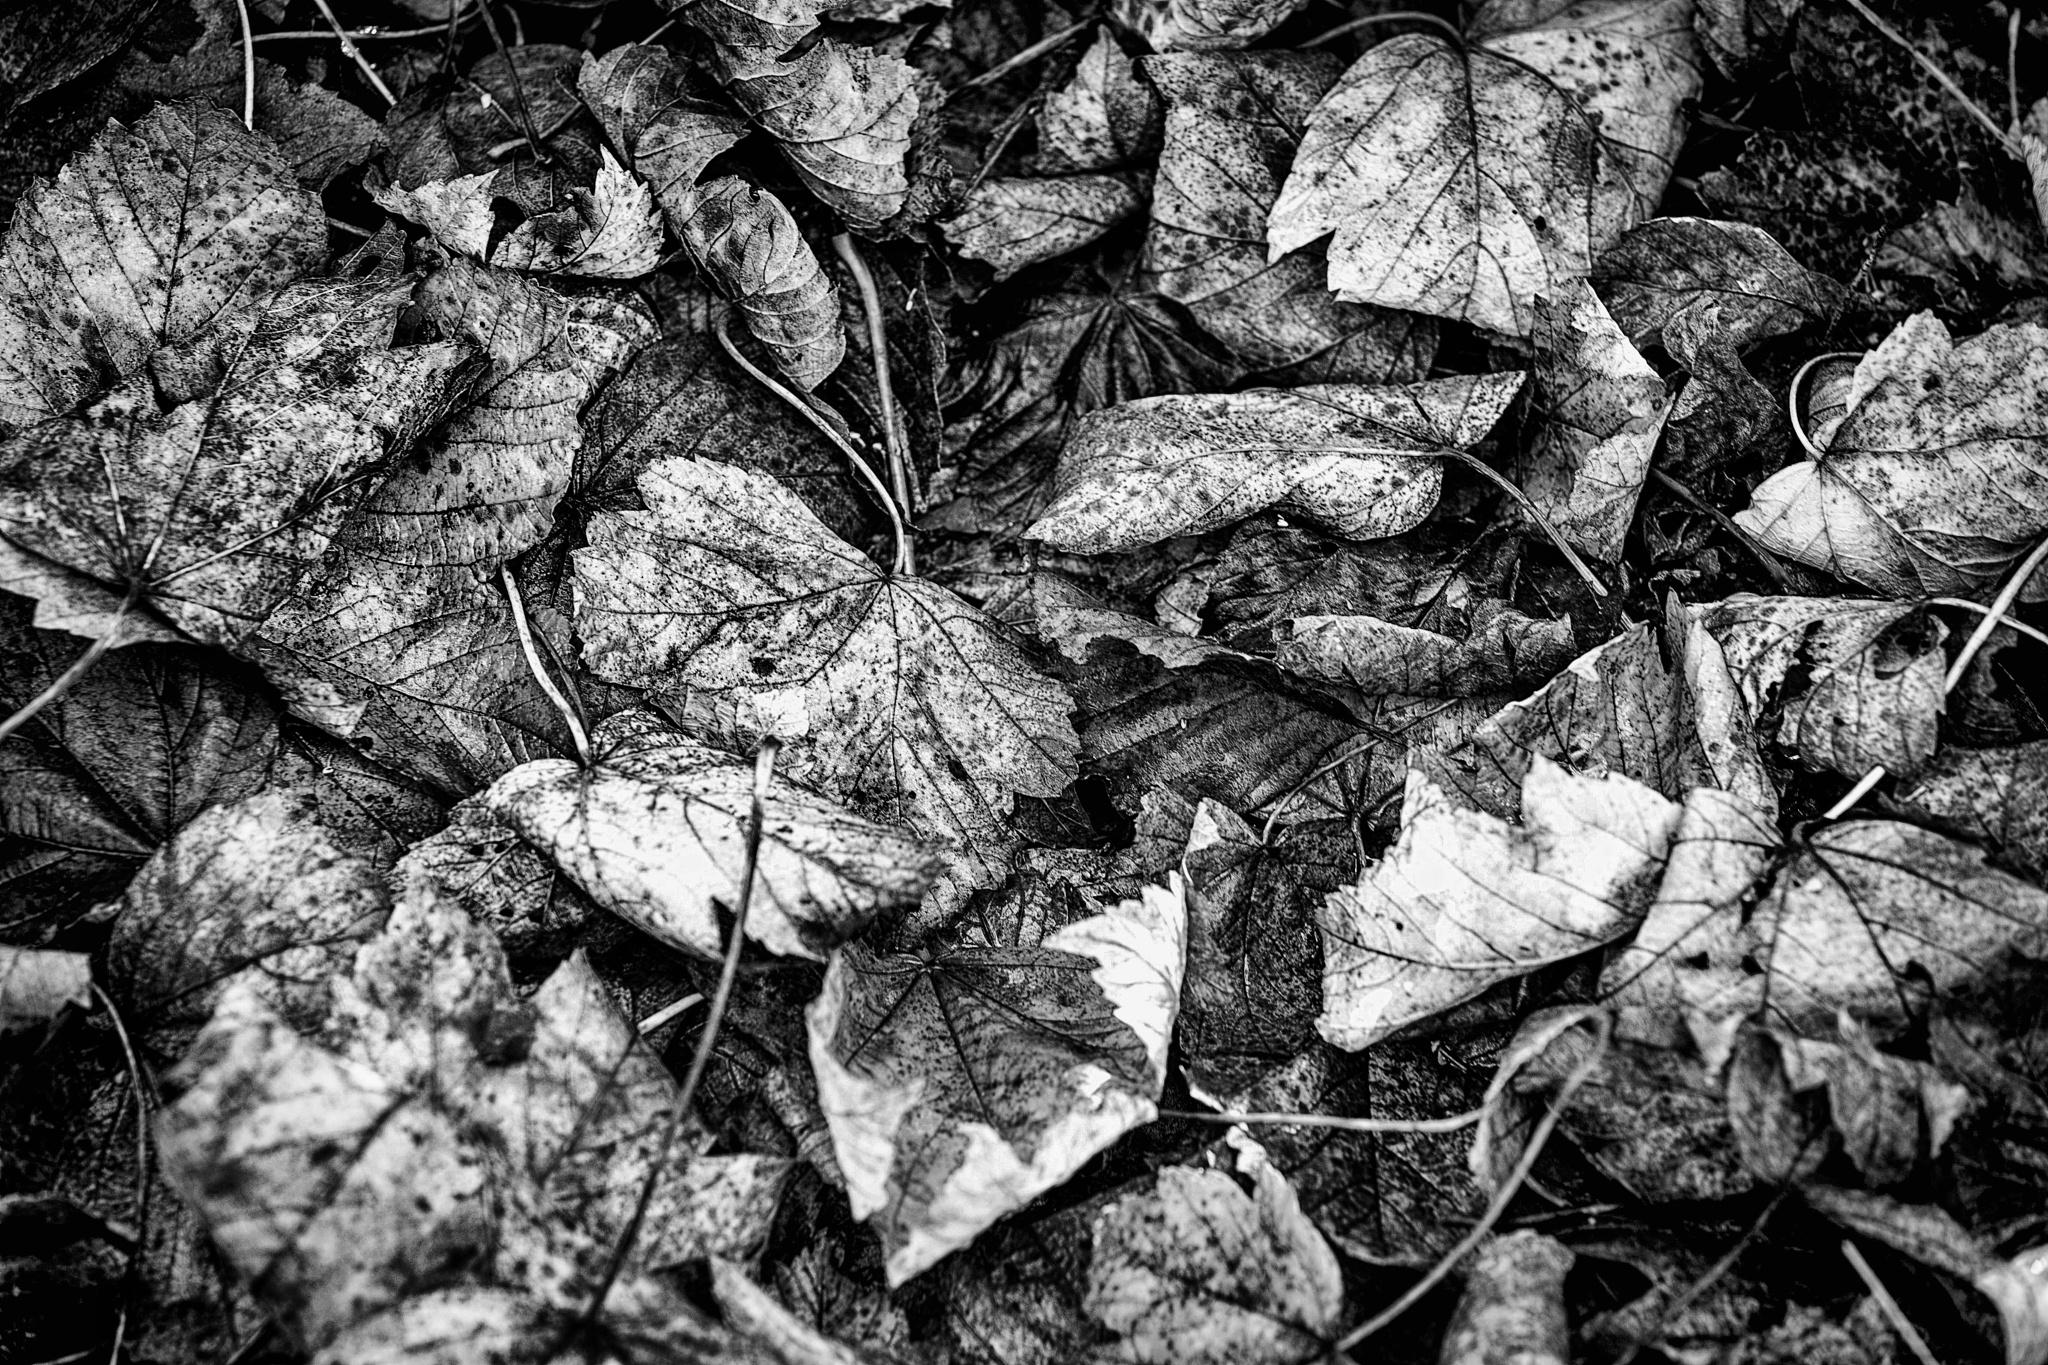 Winter Leaf by Tony Shaw